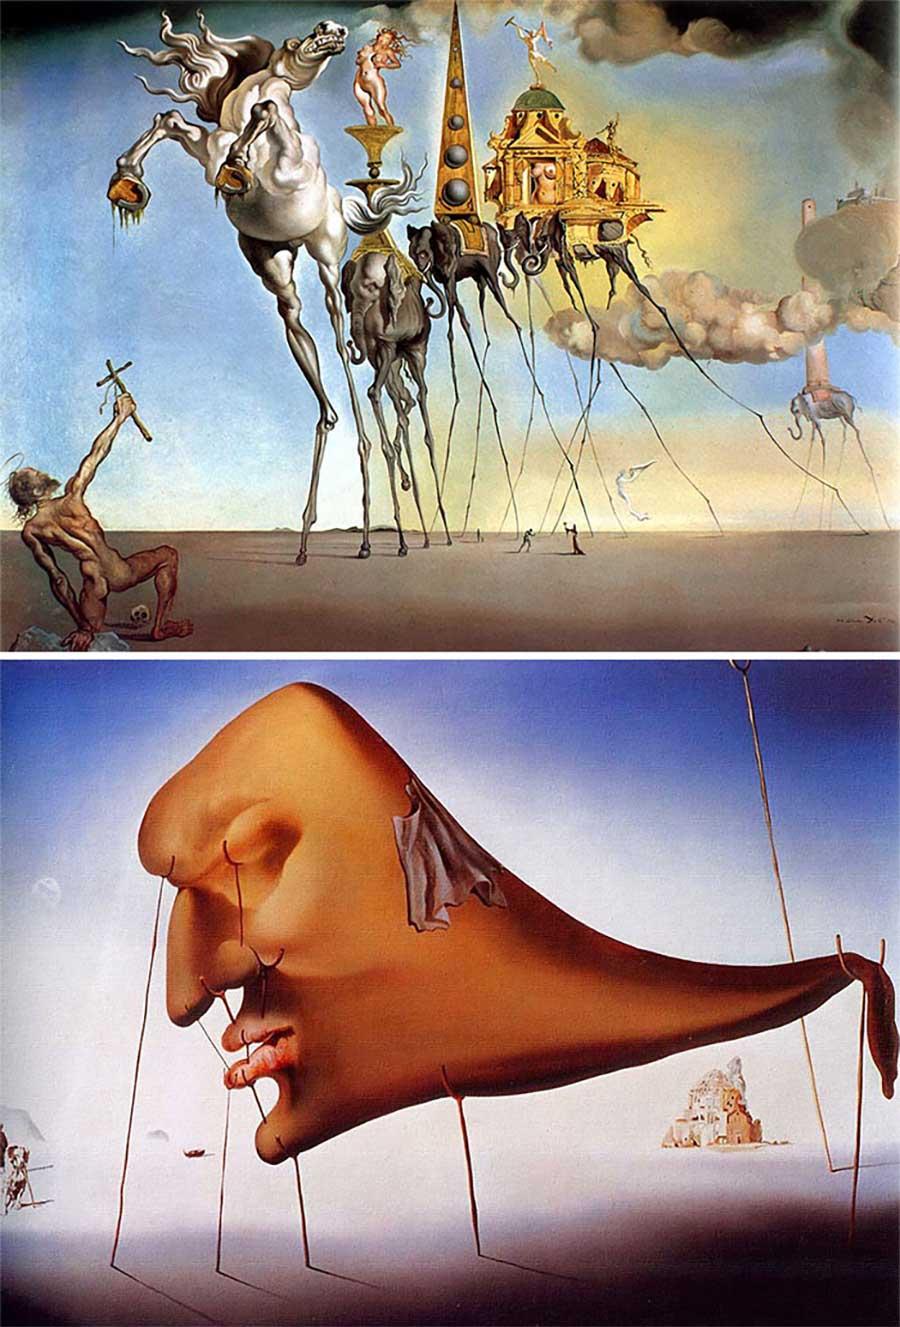 Ulkige Merkmale, woran man erkennen kann, welcher Künstler ein Gemälde gemalt hat gemaelde-malern-zuordnen-fun_03